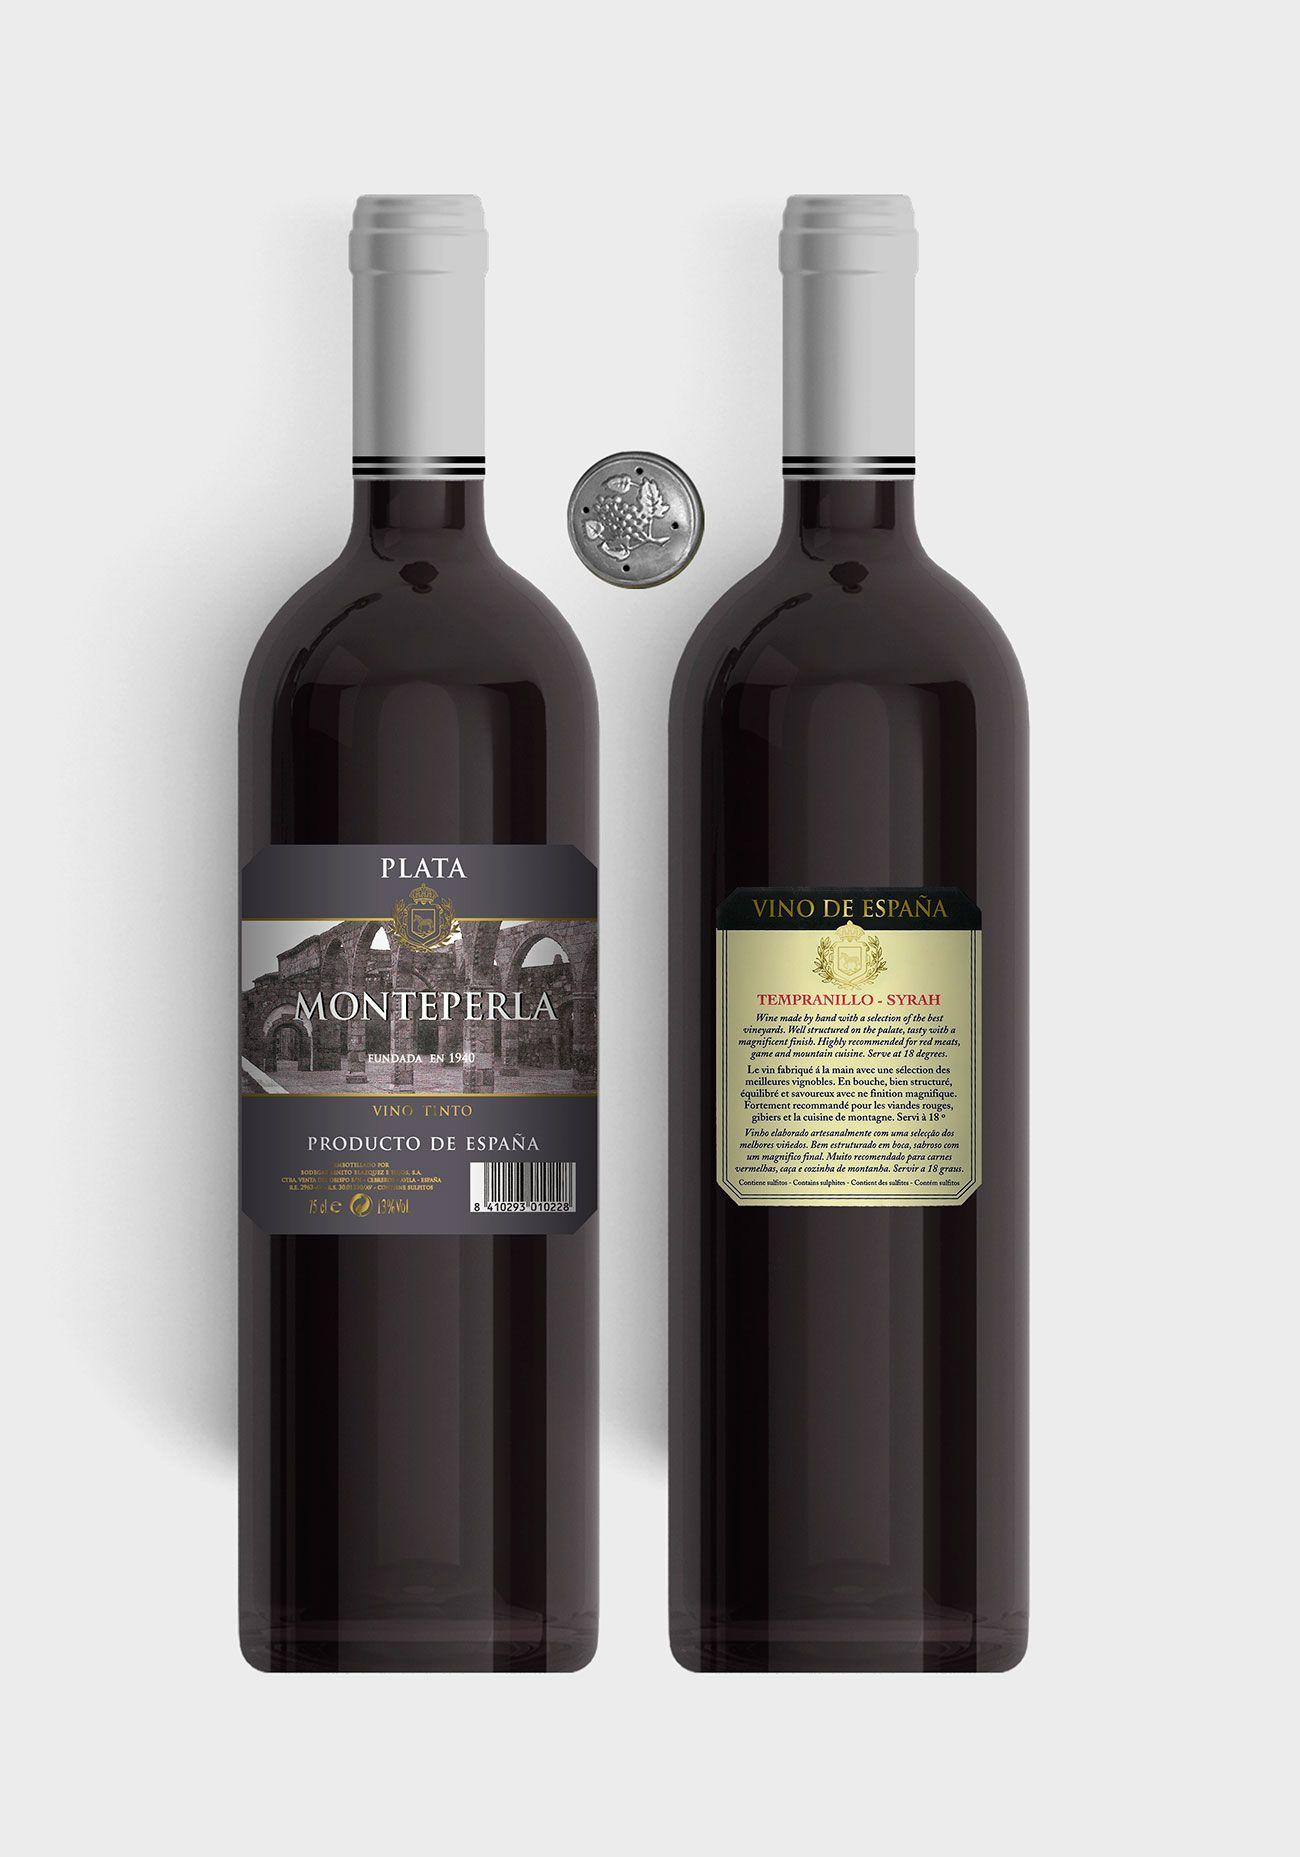 Benito Blázquez - Botella vino tinto Monteperla Plata